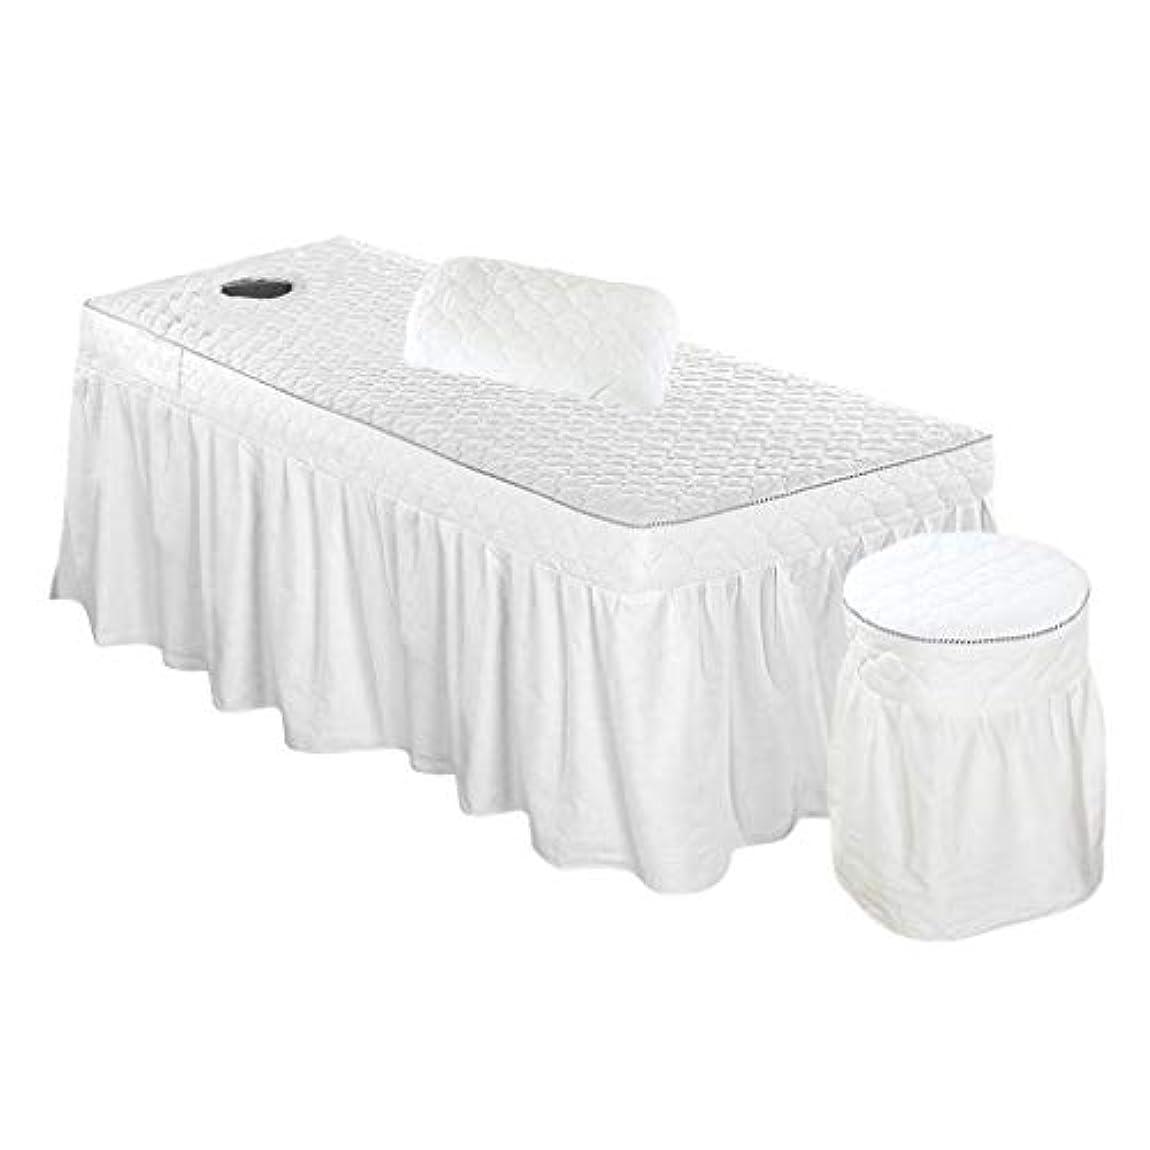 姉妹ホバートバレーボールマッサージ化粧品テーブルシートカバー椅子カバー枕ケース - ホワイト